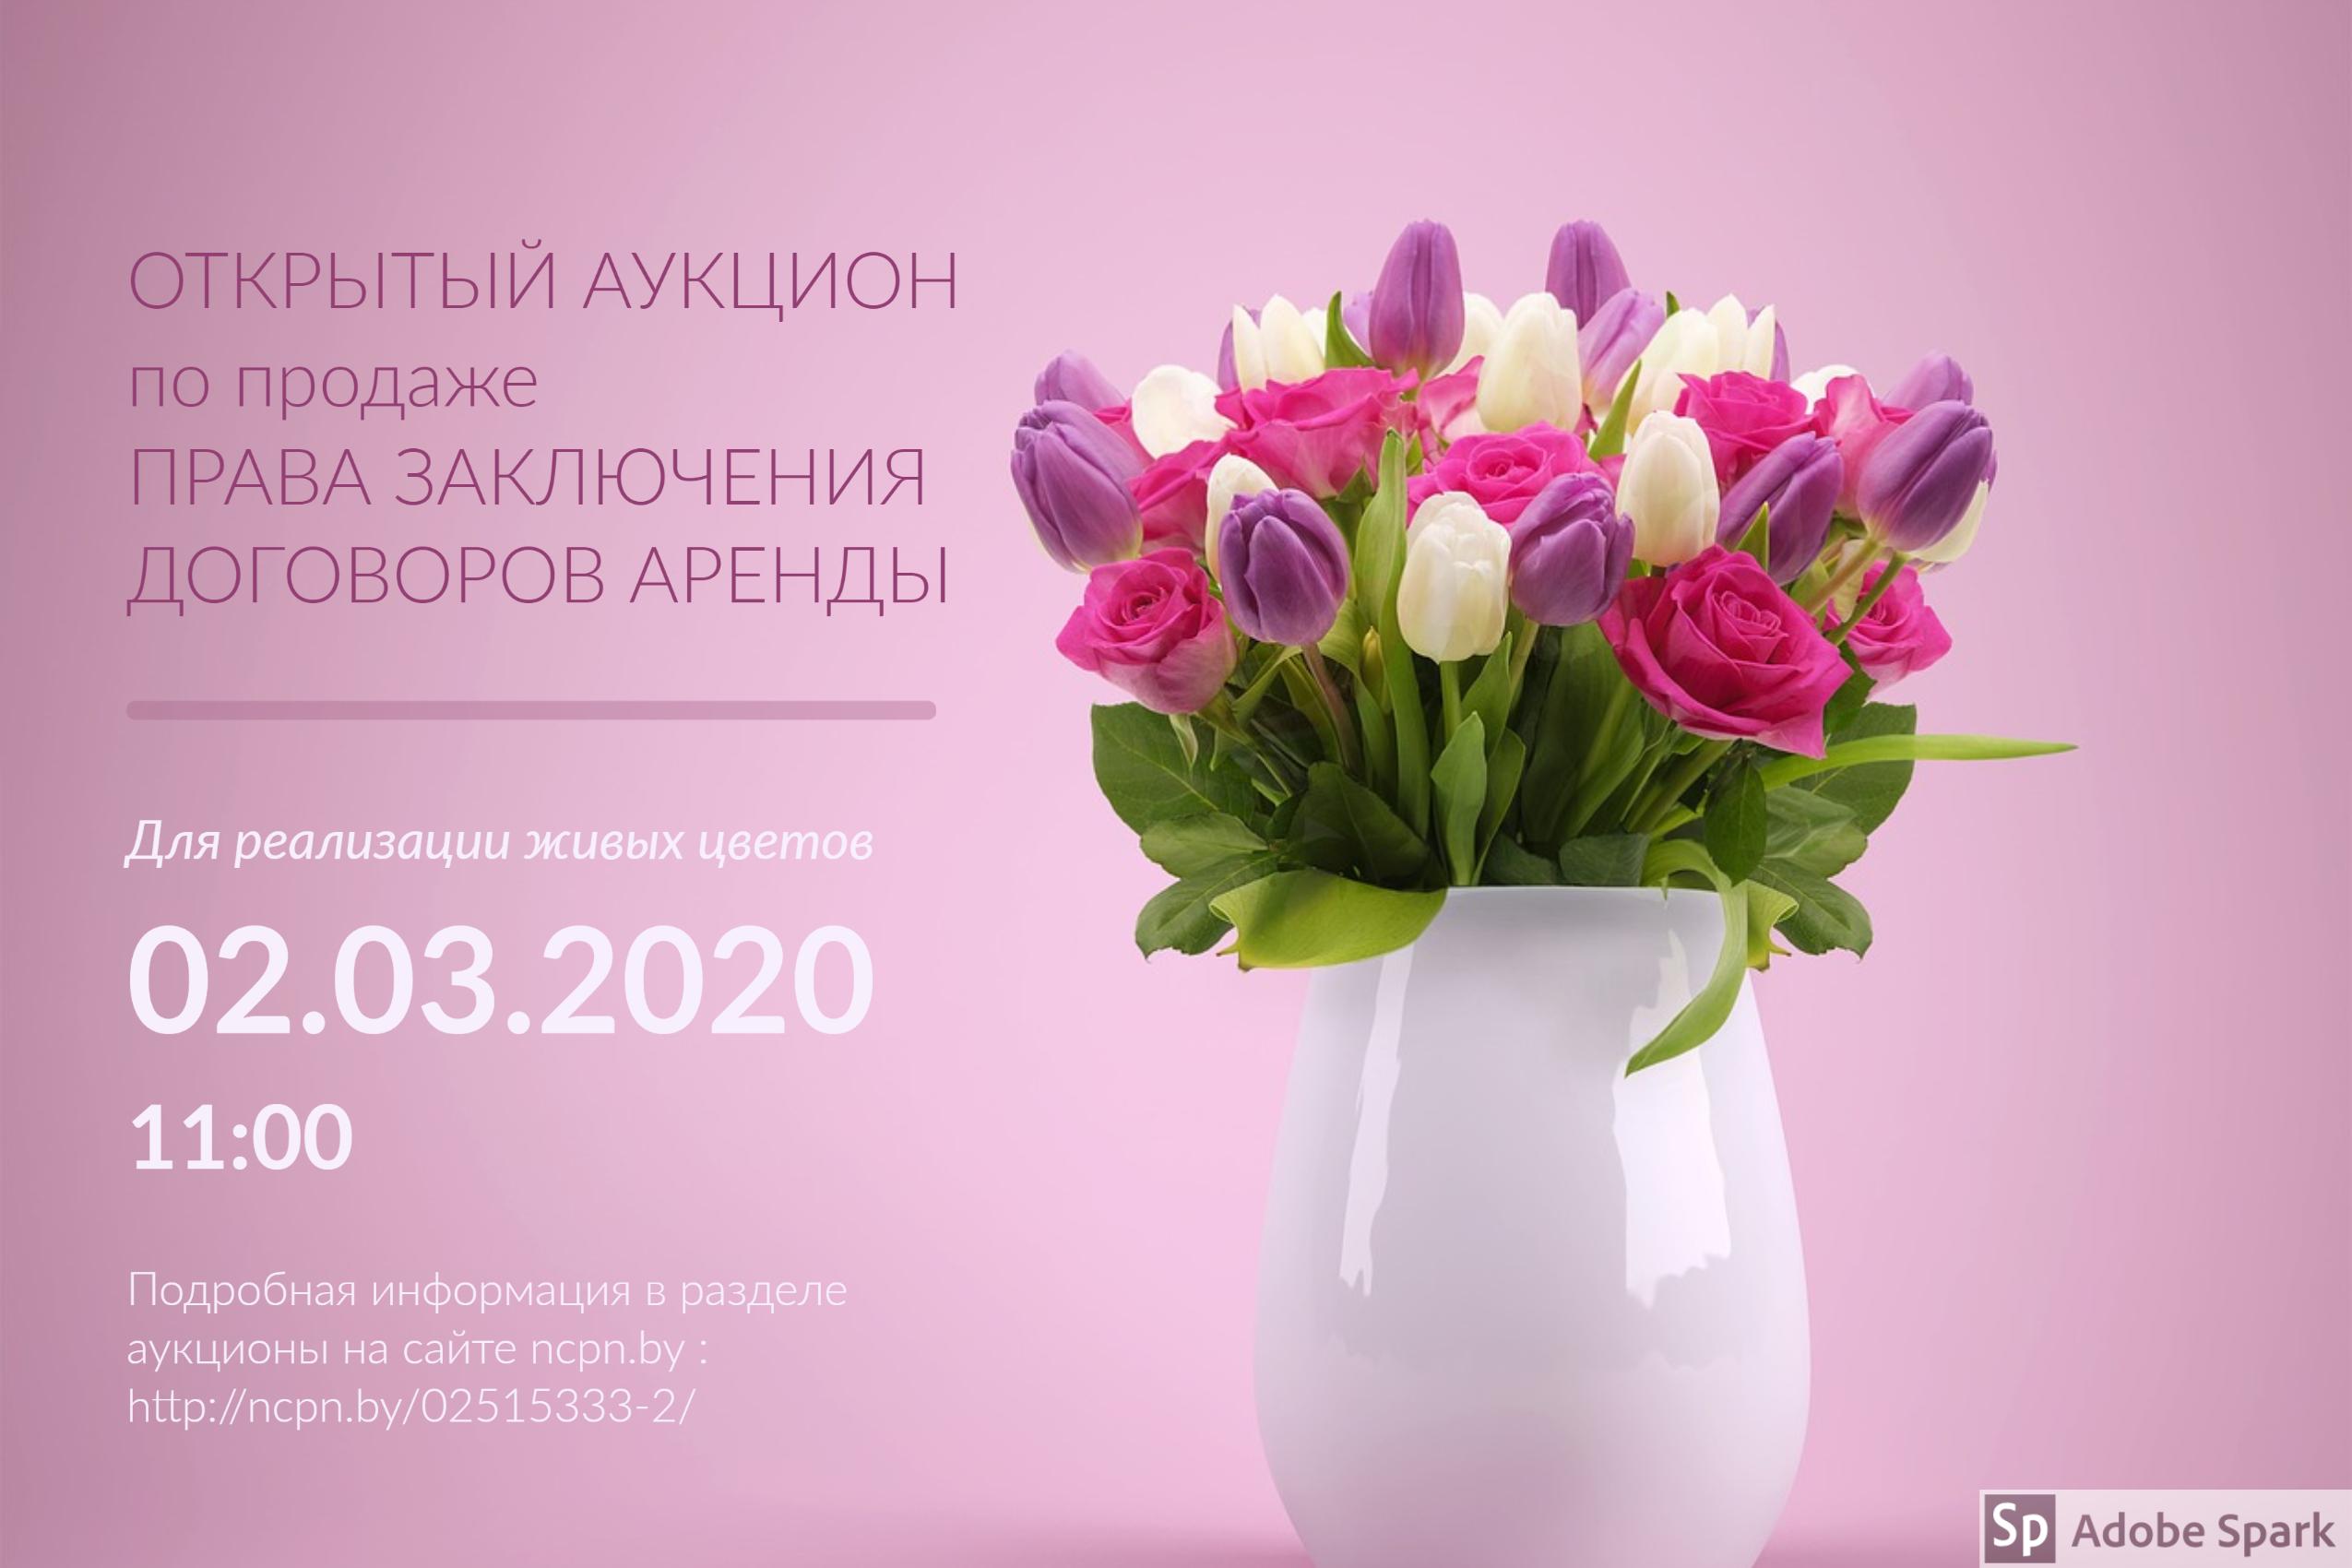 ОТКРЫТЫЙ АУКЦИОН по продаже  ПРАВА ЗАКЛЮЧЕНИЯ ДОГОВОРОВ АРЕНДЫ Для реализации живых цветов